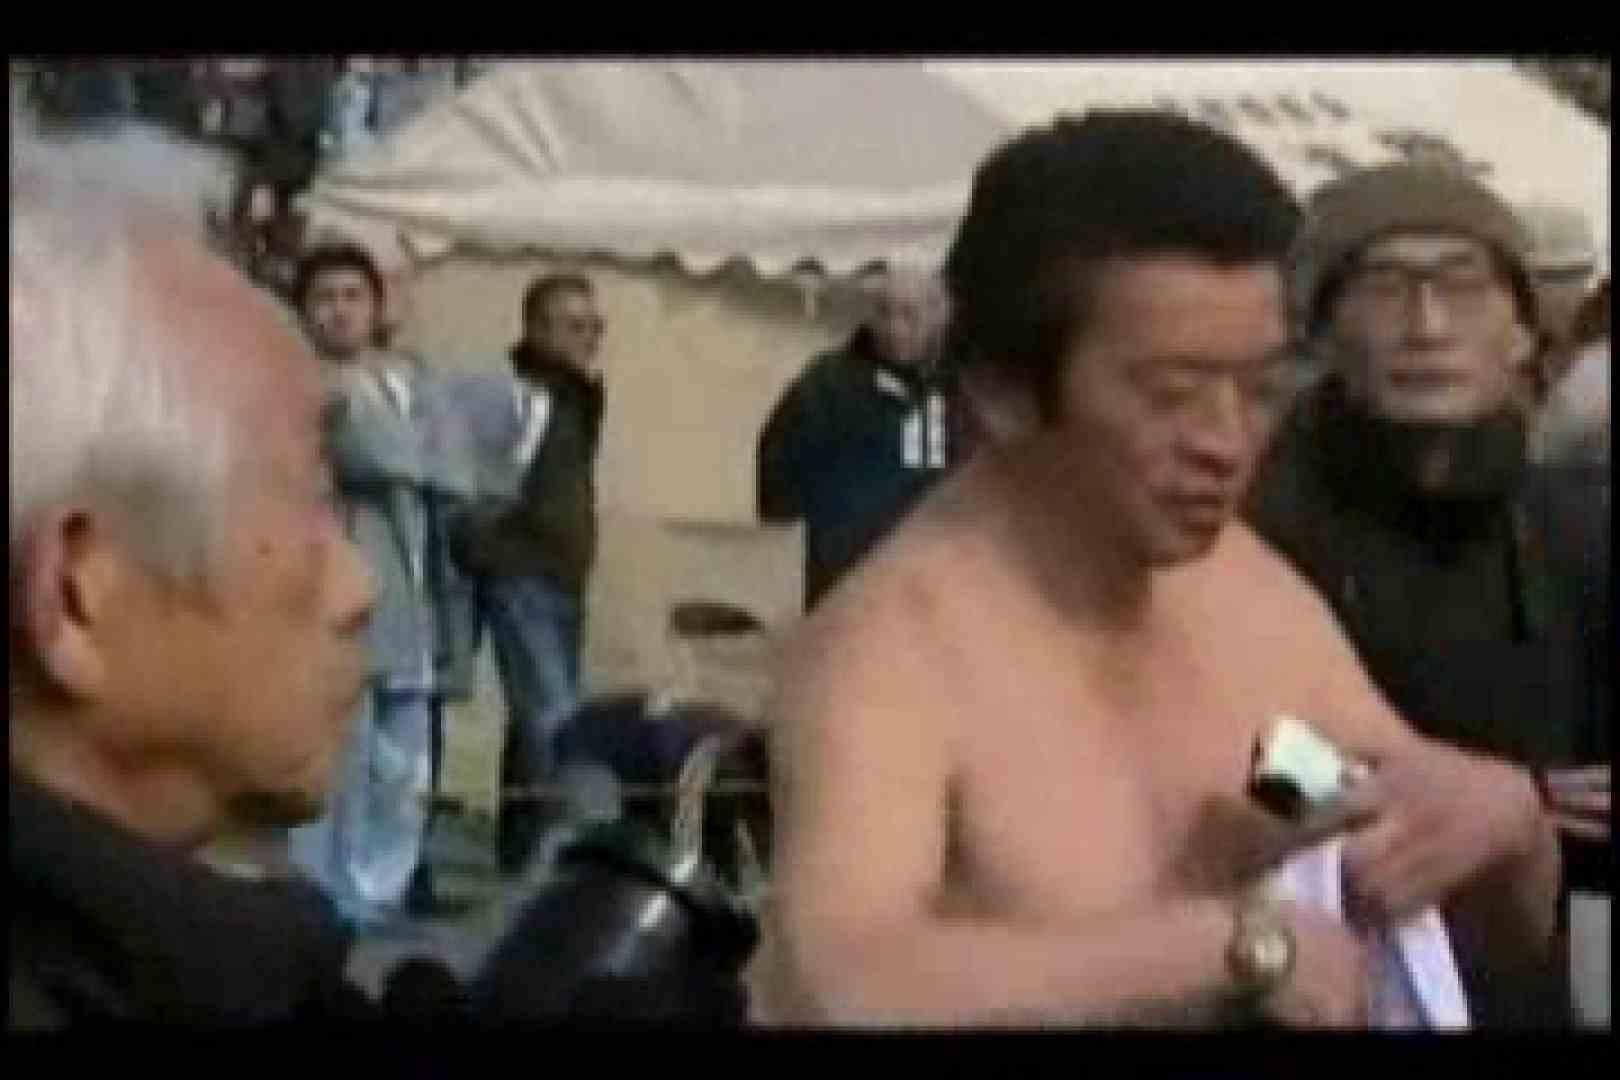 陰間茶屋 男児祭り VOL.1 野外露出 ゲイ素人エロ画像 66枚 41